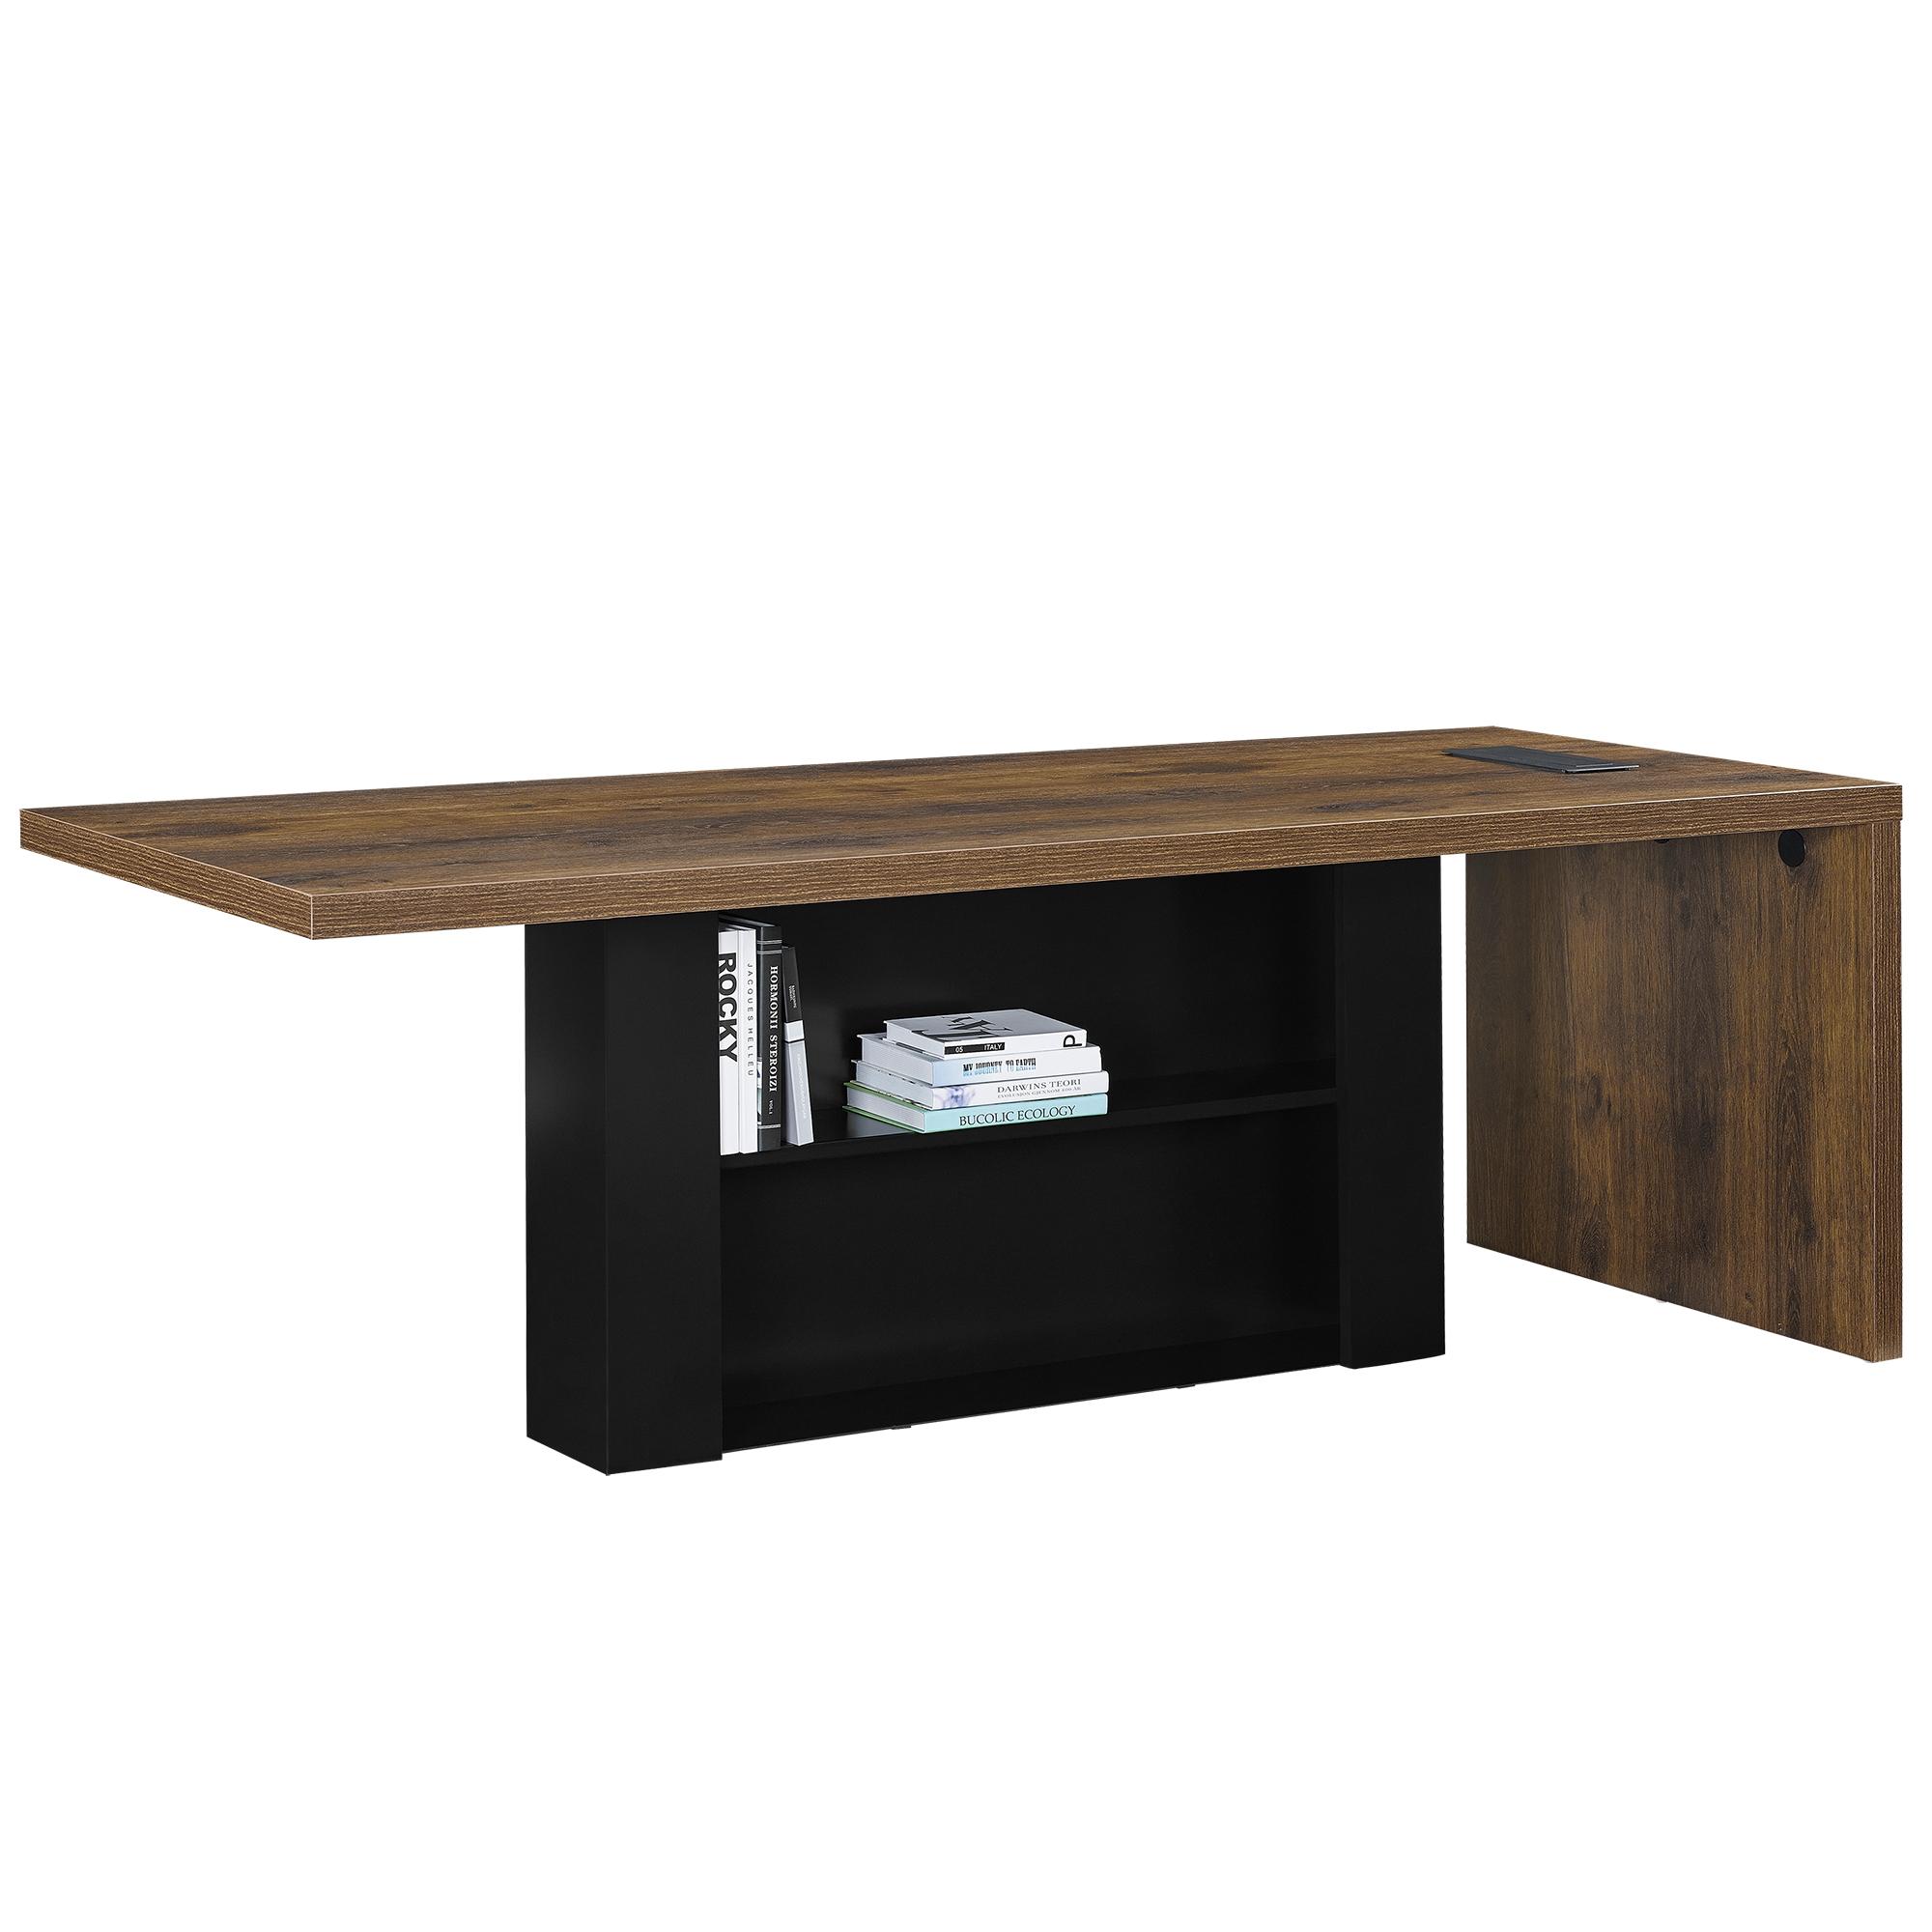 neu.haus]® Elegantna pisalna miza - nov dizajn - Ceneje.si